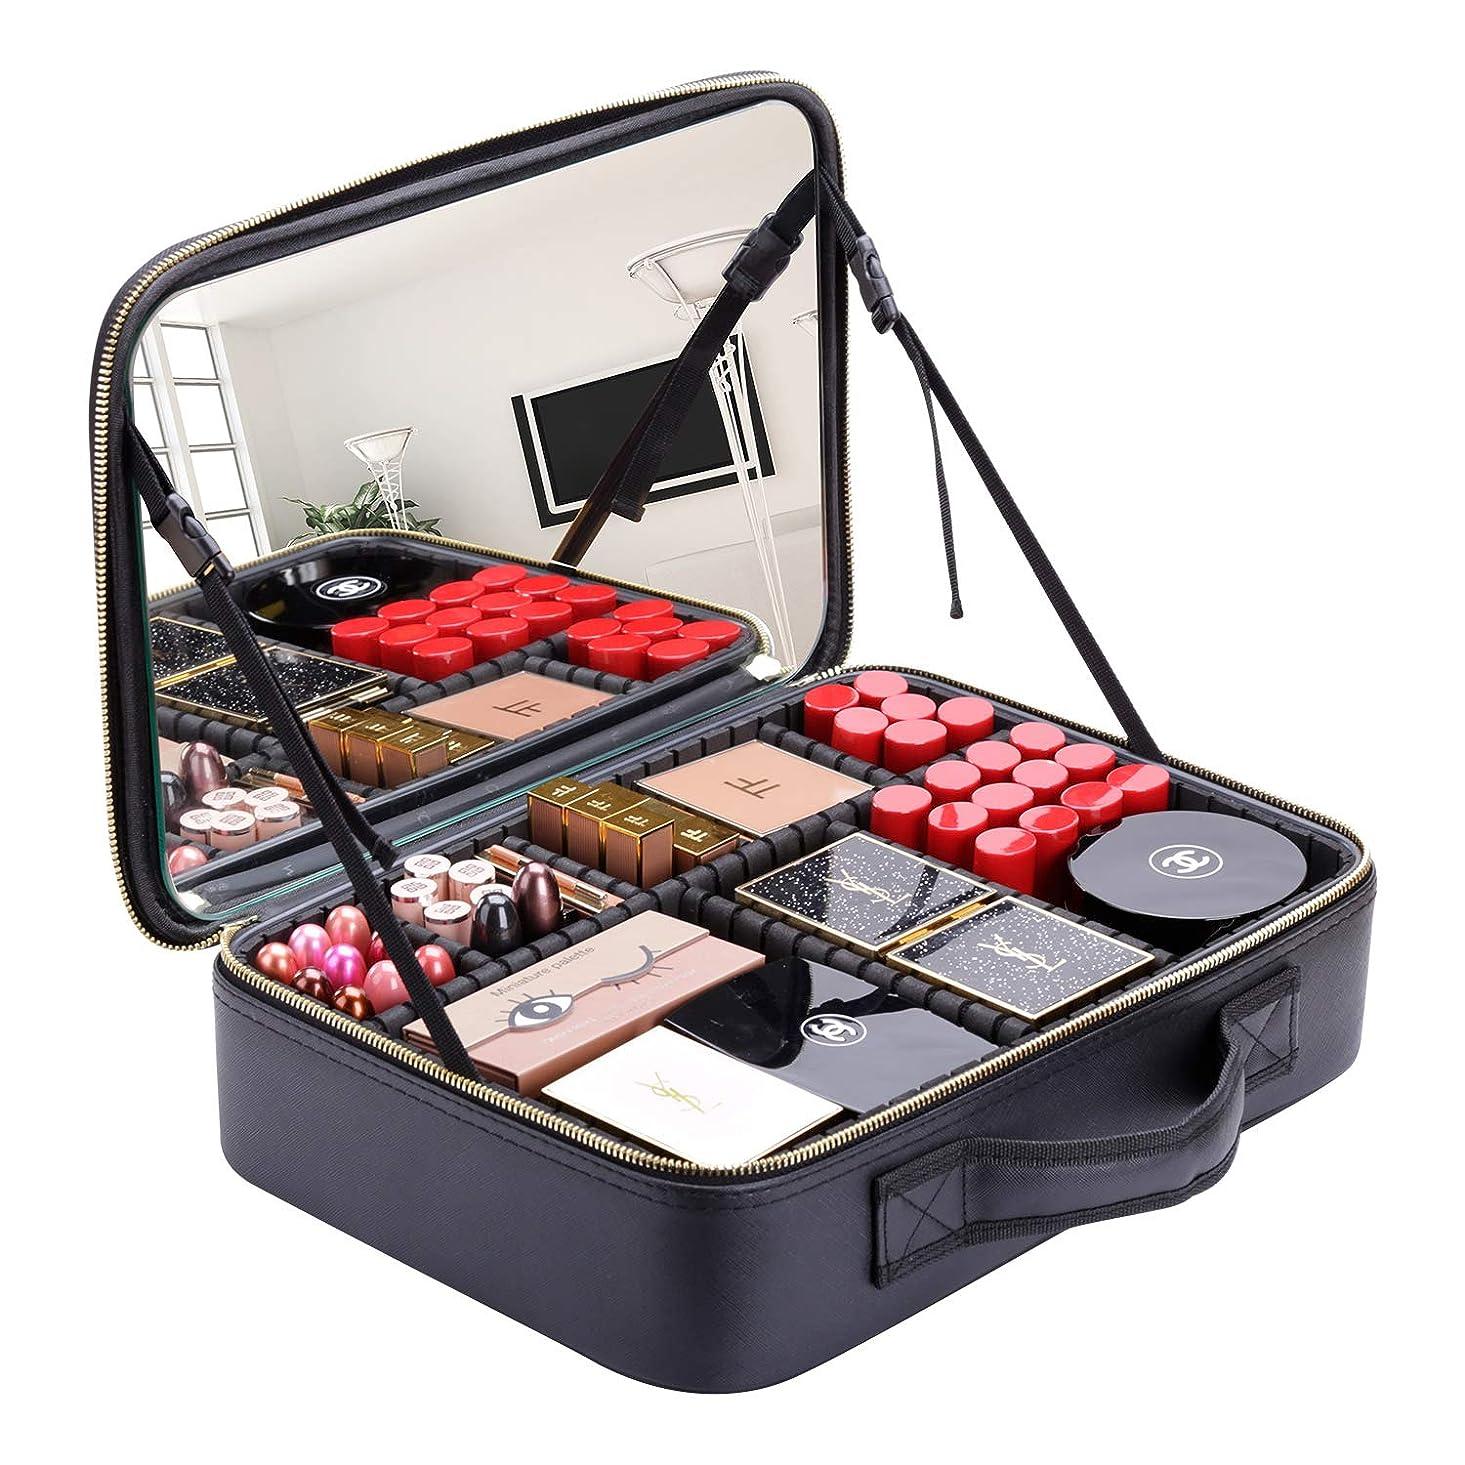 特殊階すばらしいですRownyeon プロ用 メイクボックス 大容量 鏡付き コスメケース コスメボックス 化粧箱 整理簡単 収納 化粧品入れ 収納ボックス 旅行用 女の子 プレゼント 最適 大きい(黒+白)